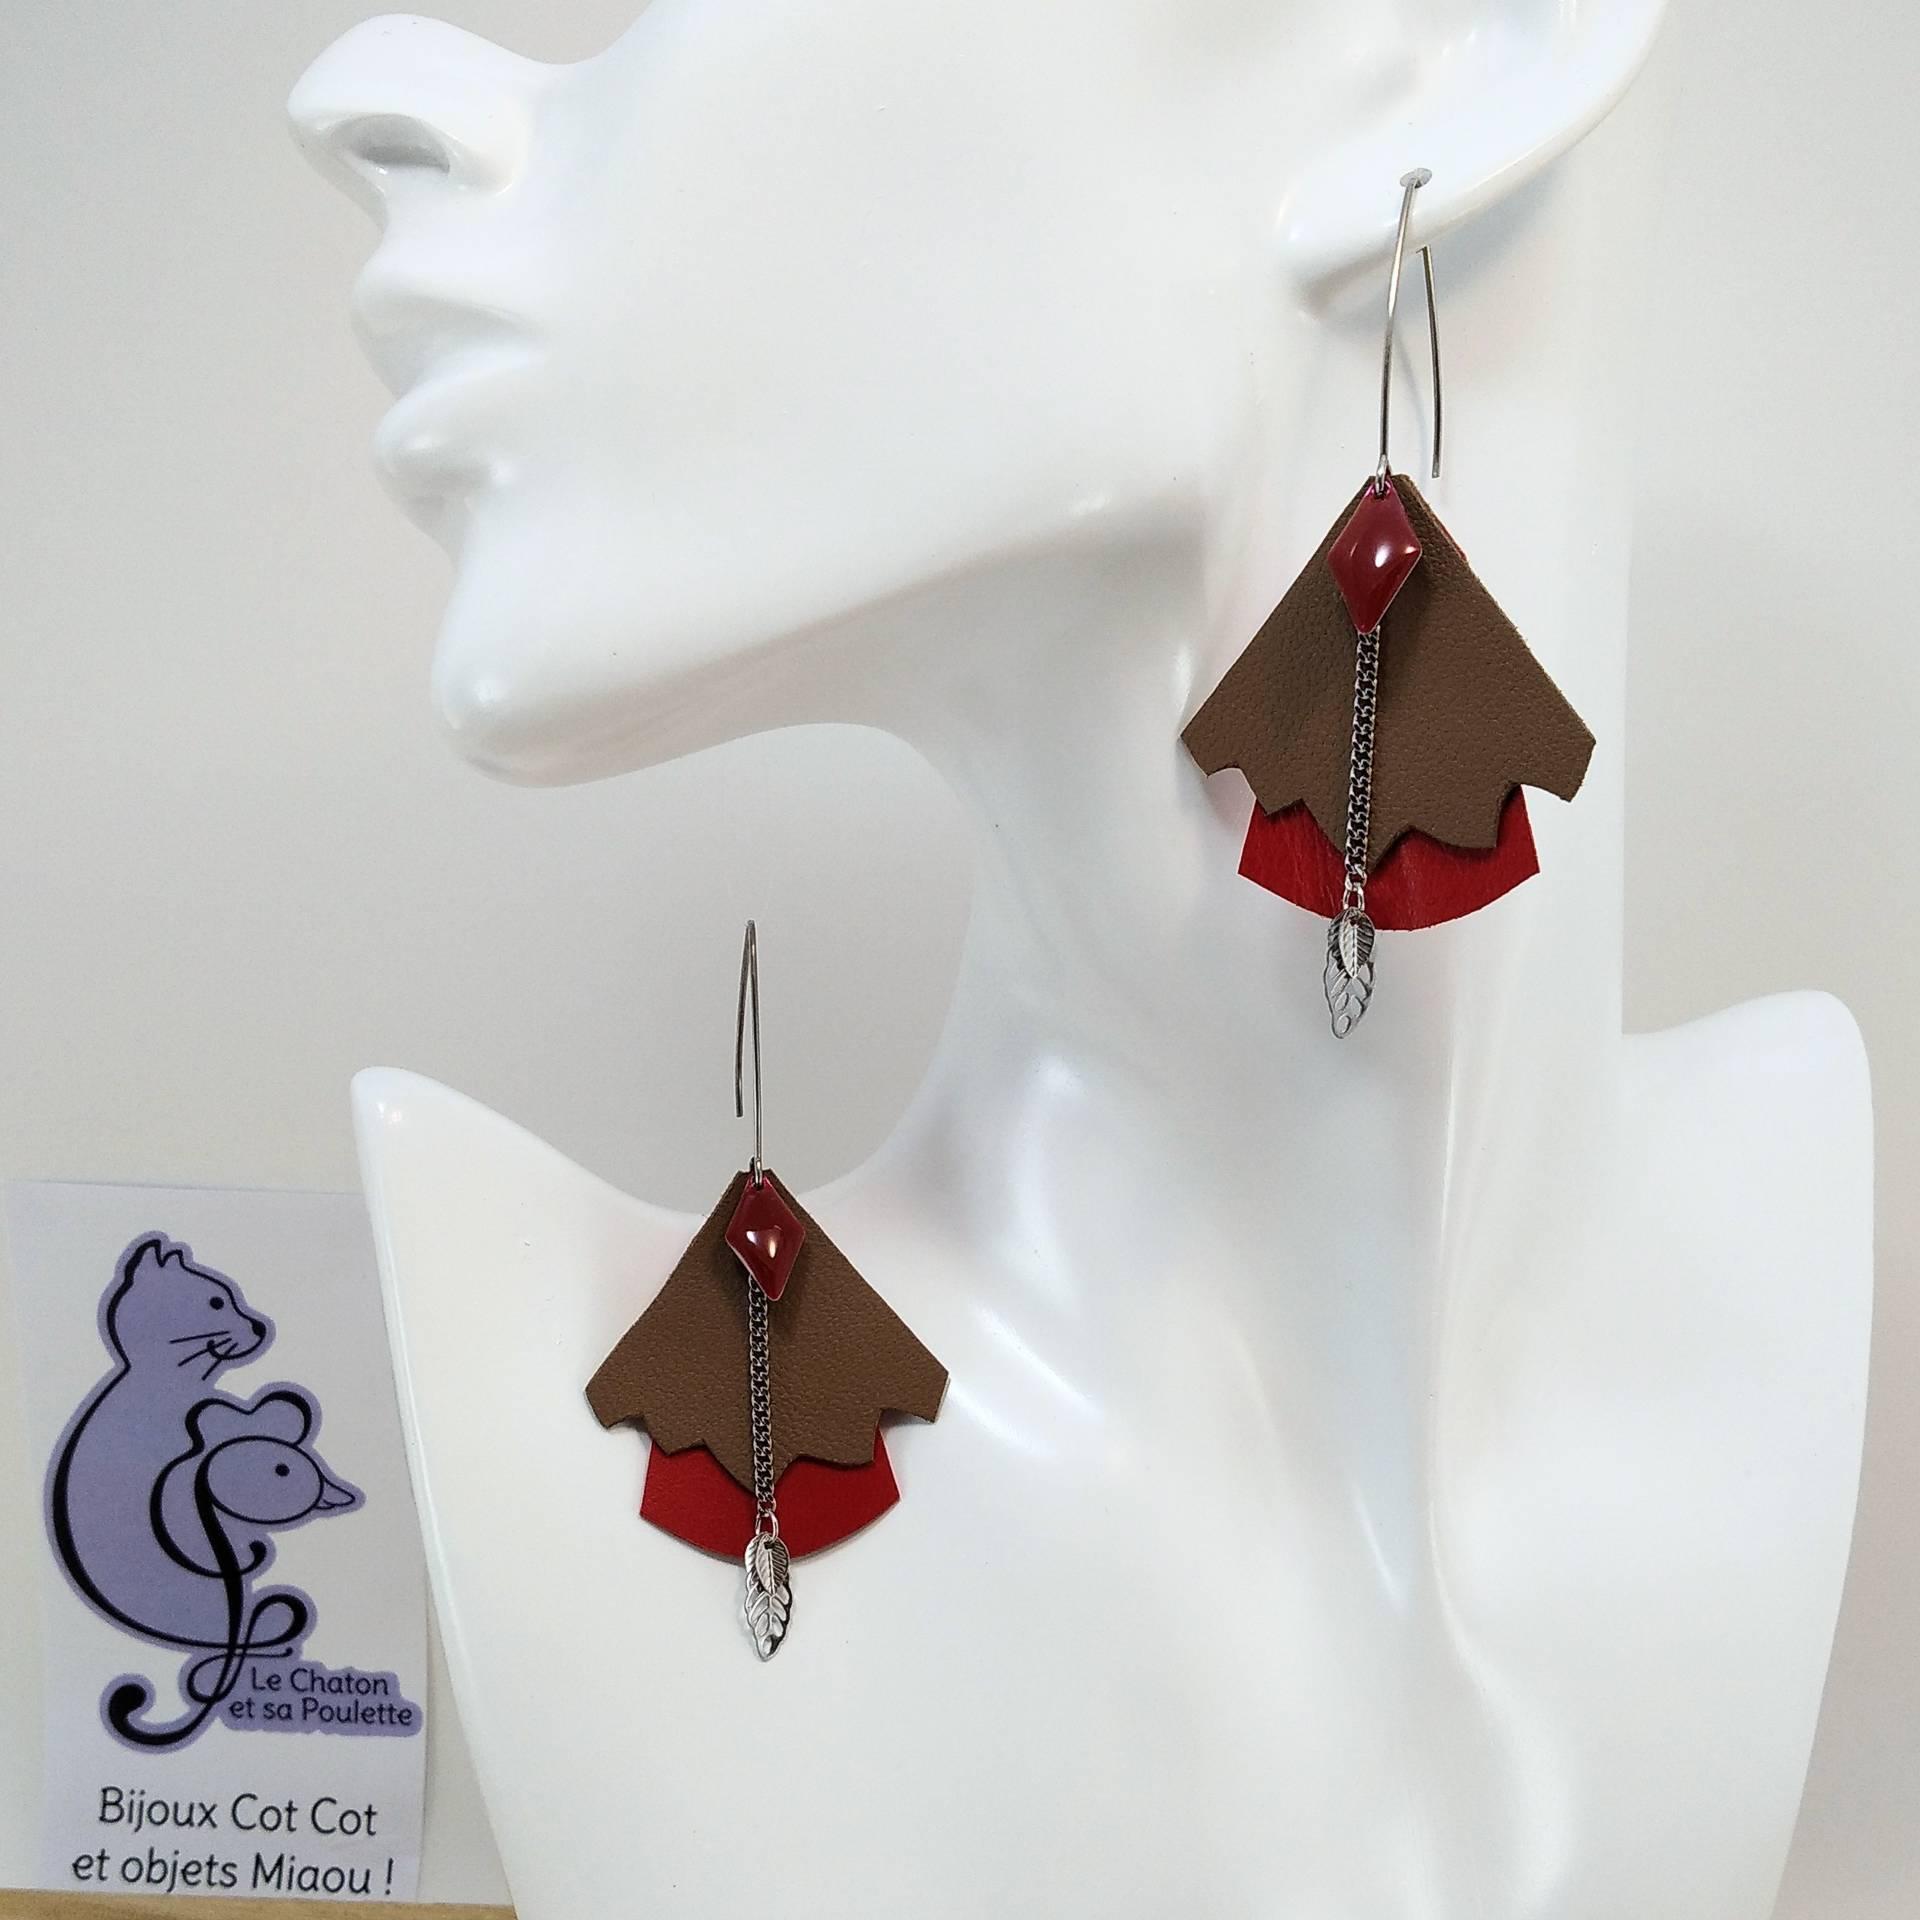 BO FORMIDABLE modèle n°5 Cuirs sépia et rouge, breloque diamant rouge